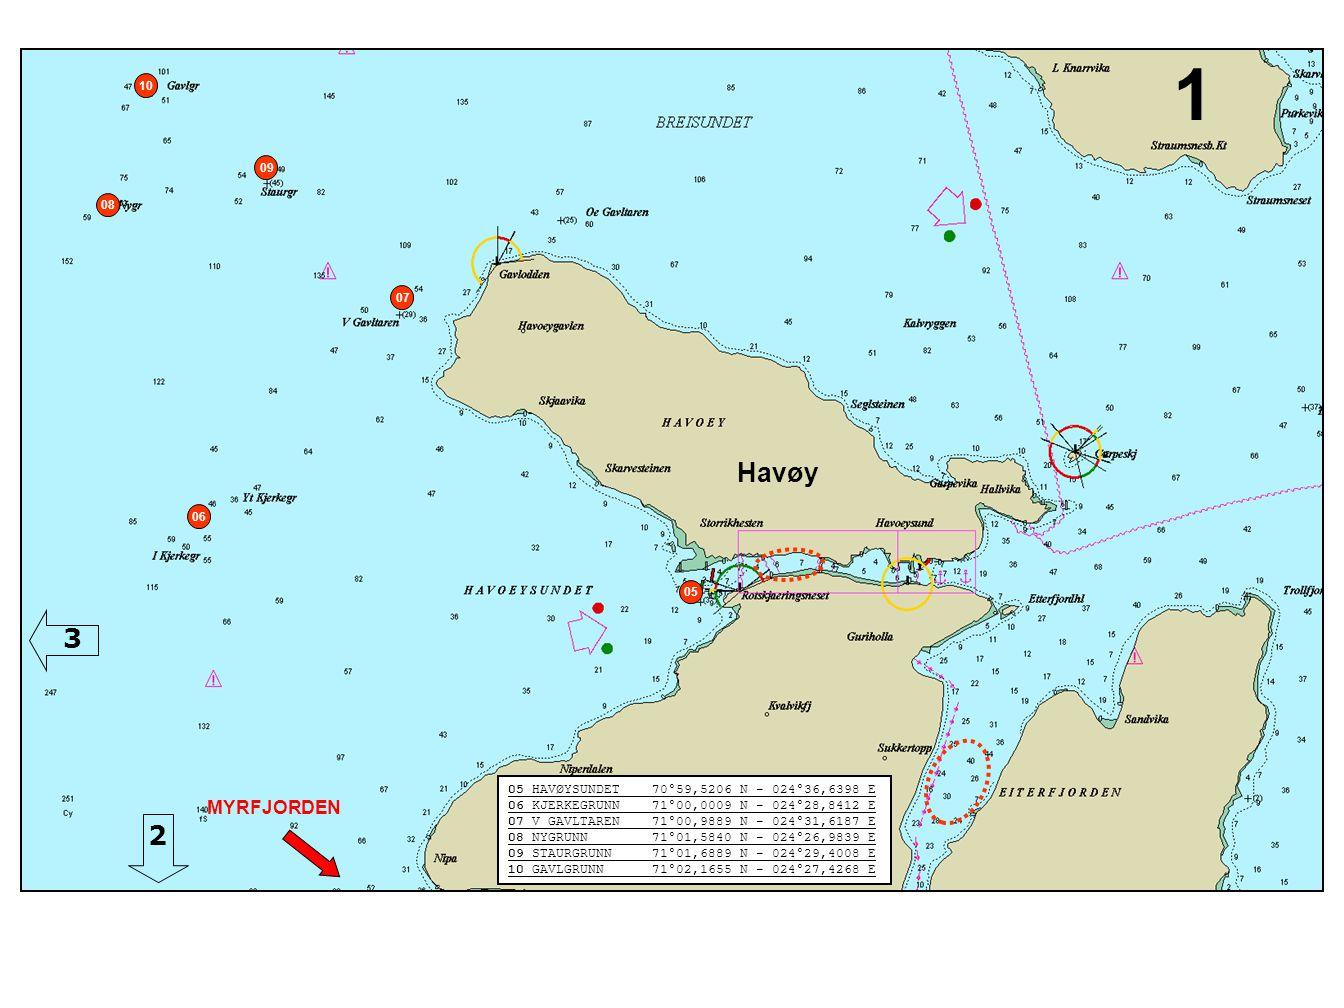 Havøy 05 HAVØYSUNDET 70°59,5206 N - 024°36,6398 E 06 KJERKEGRUNN 71°00,0009 N - 024°28,8412 E 07 V GAVLTAREN 71°00,9889 N - 024°31,6187 E 08 NYGRUNN 7